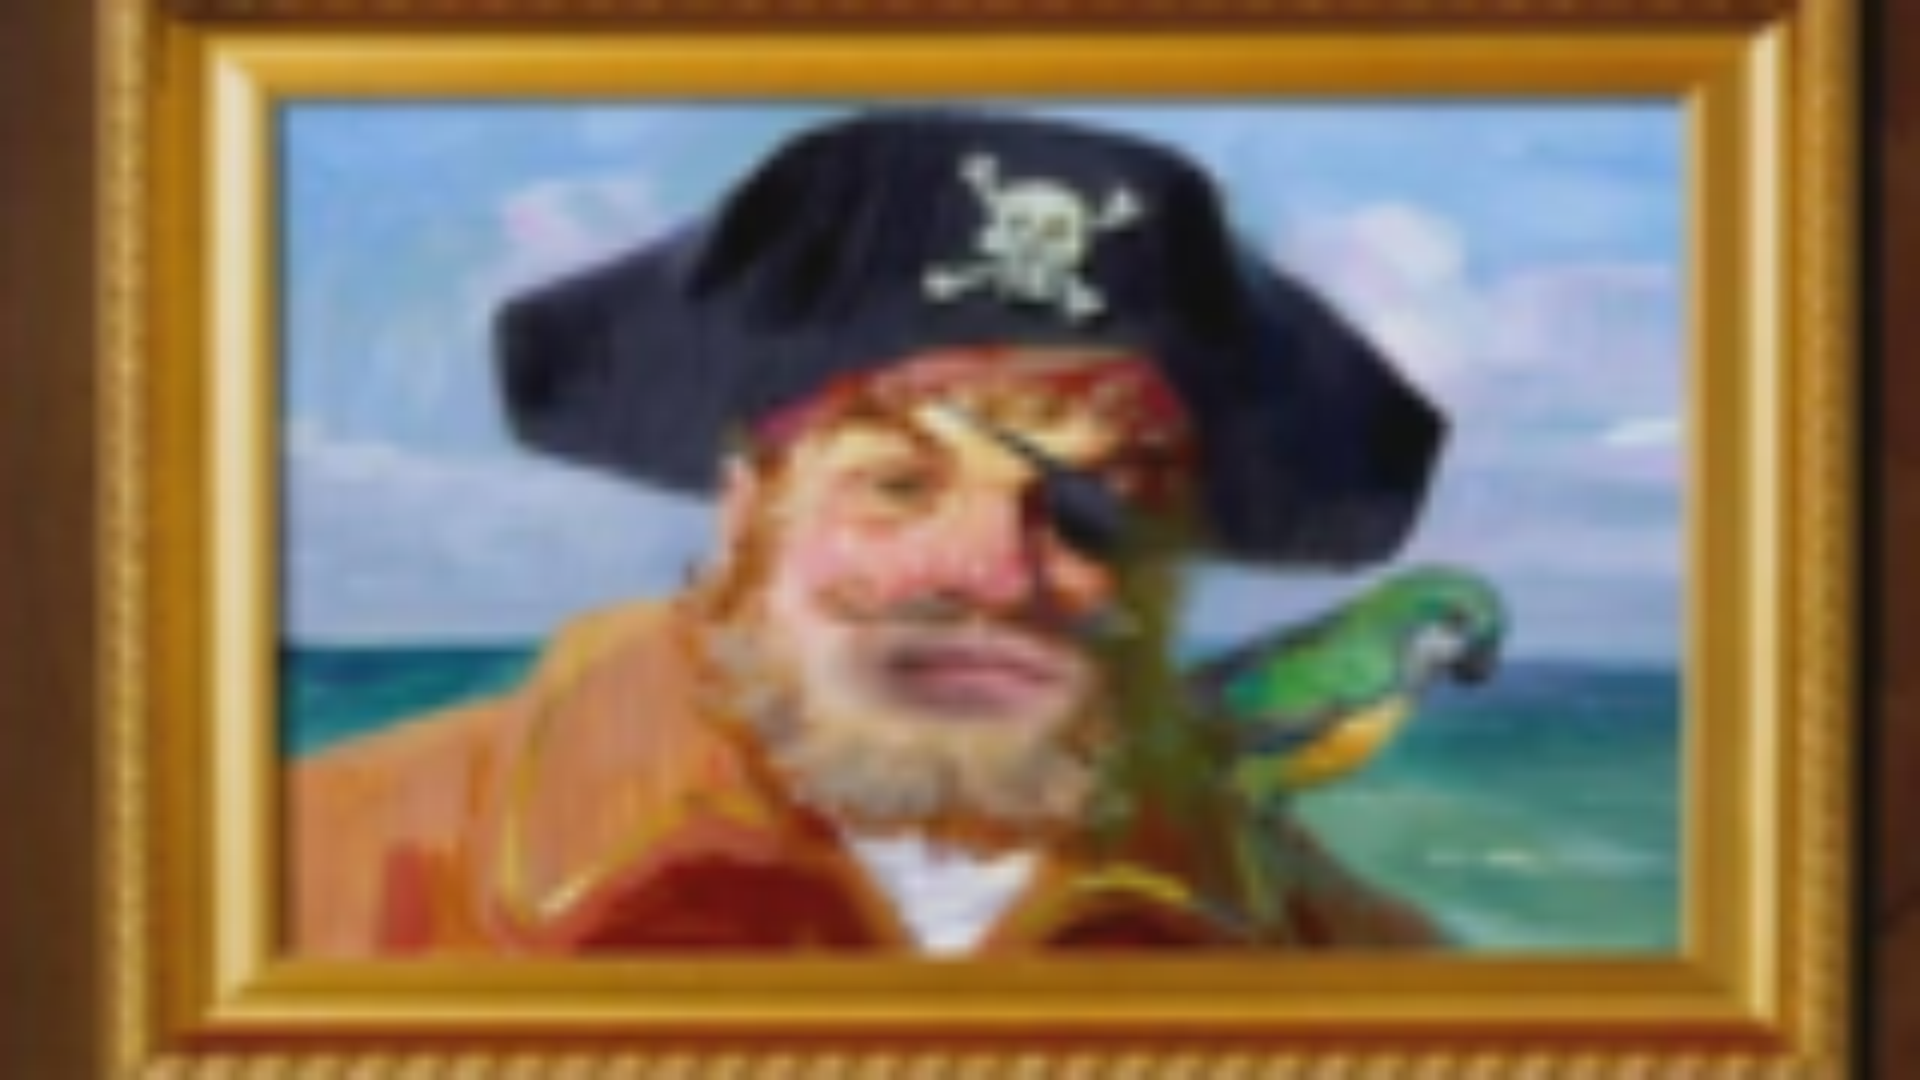 为什么海盗要遮住一只眼睛?